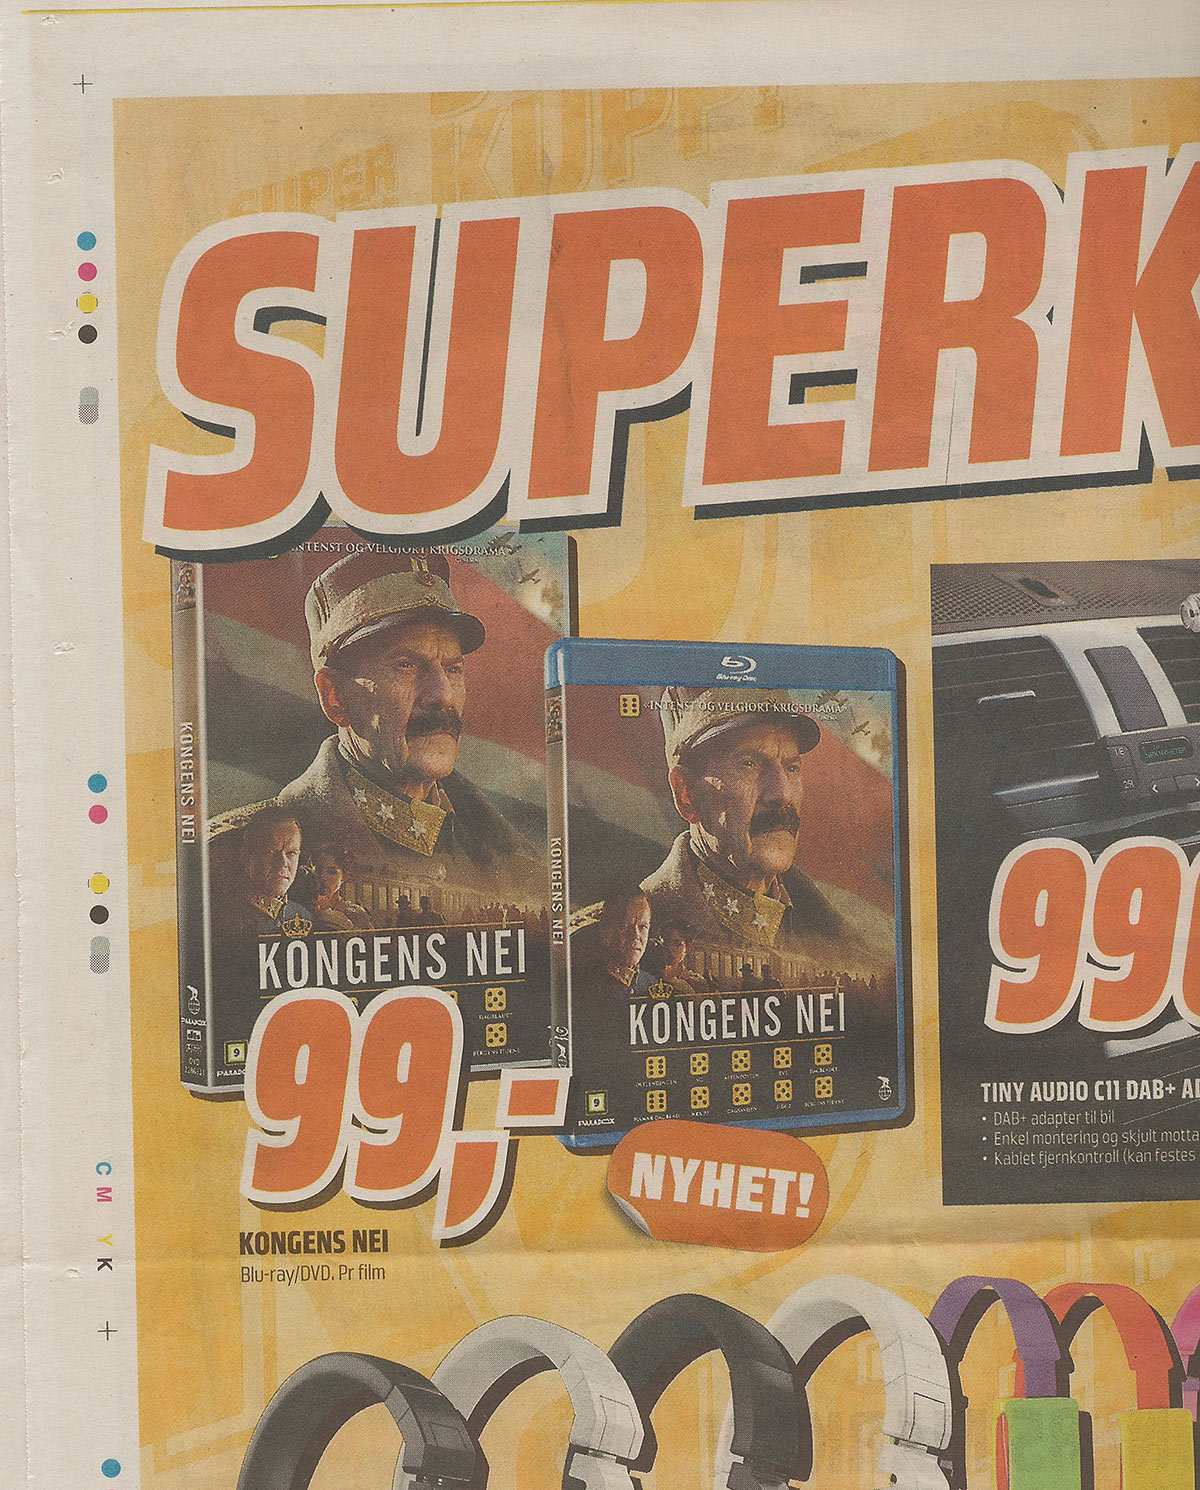 Superkupp også på Kongens nei hos stormarkedskjeden Coop Obs!